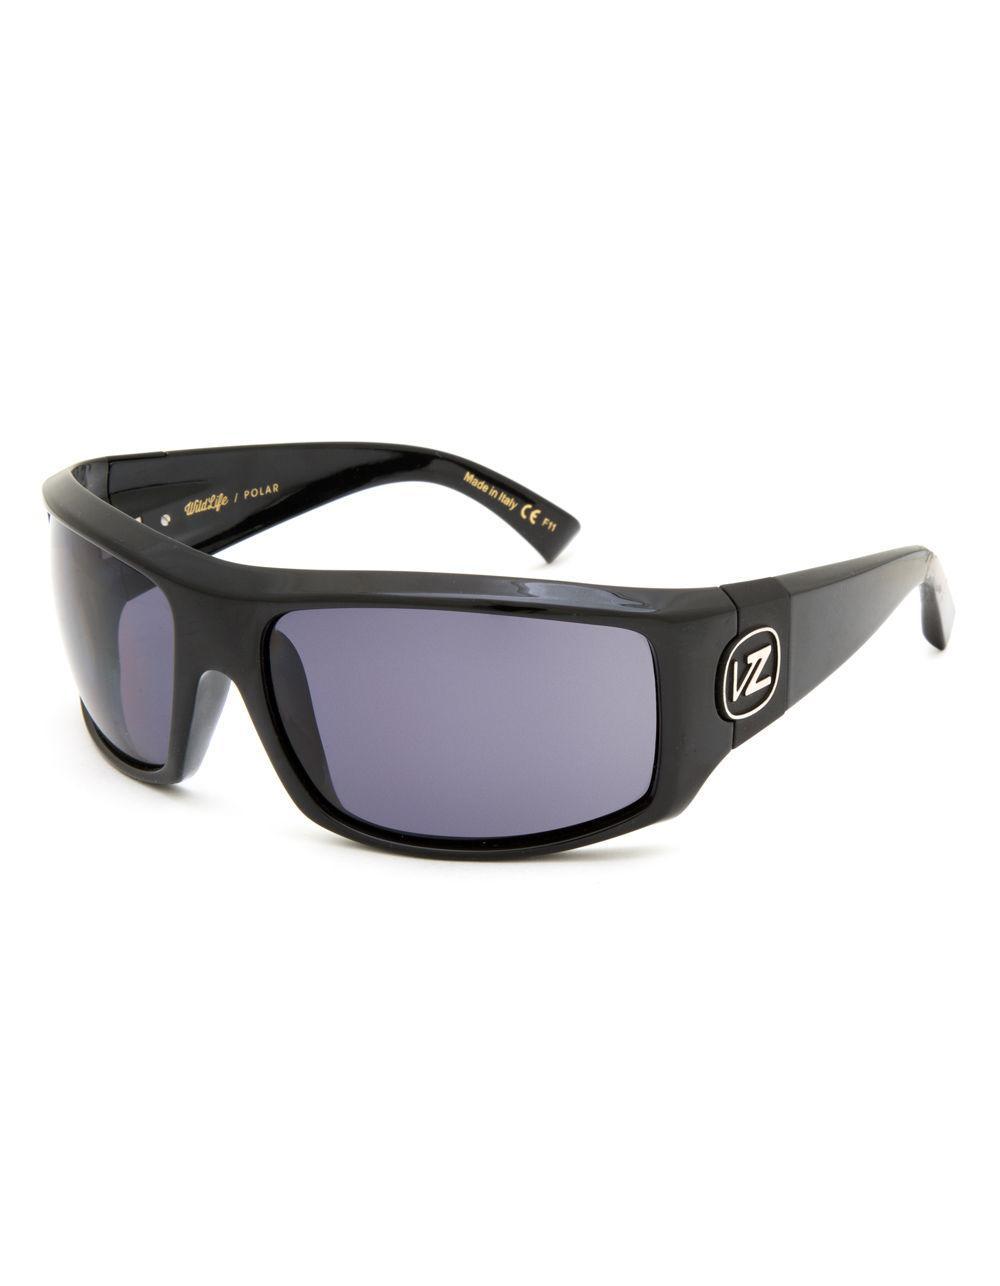 ed51773e6c5 Lyst von zipper clutch polarized sunglasses for men jpg 1000x1286 Von zipper  sunglasses for men popular